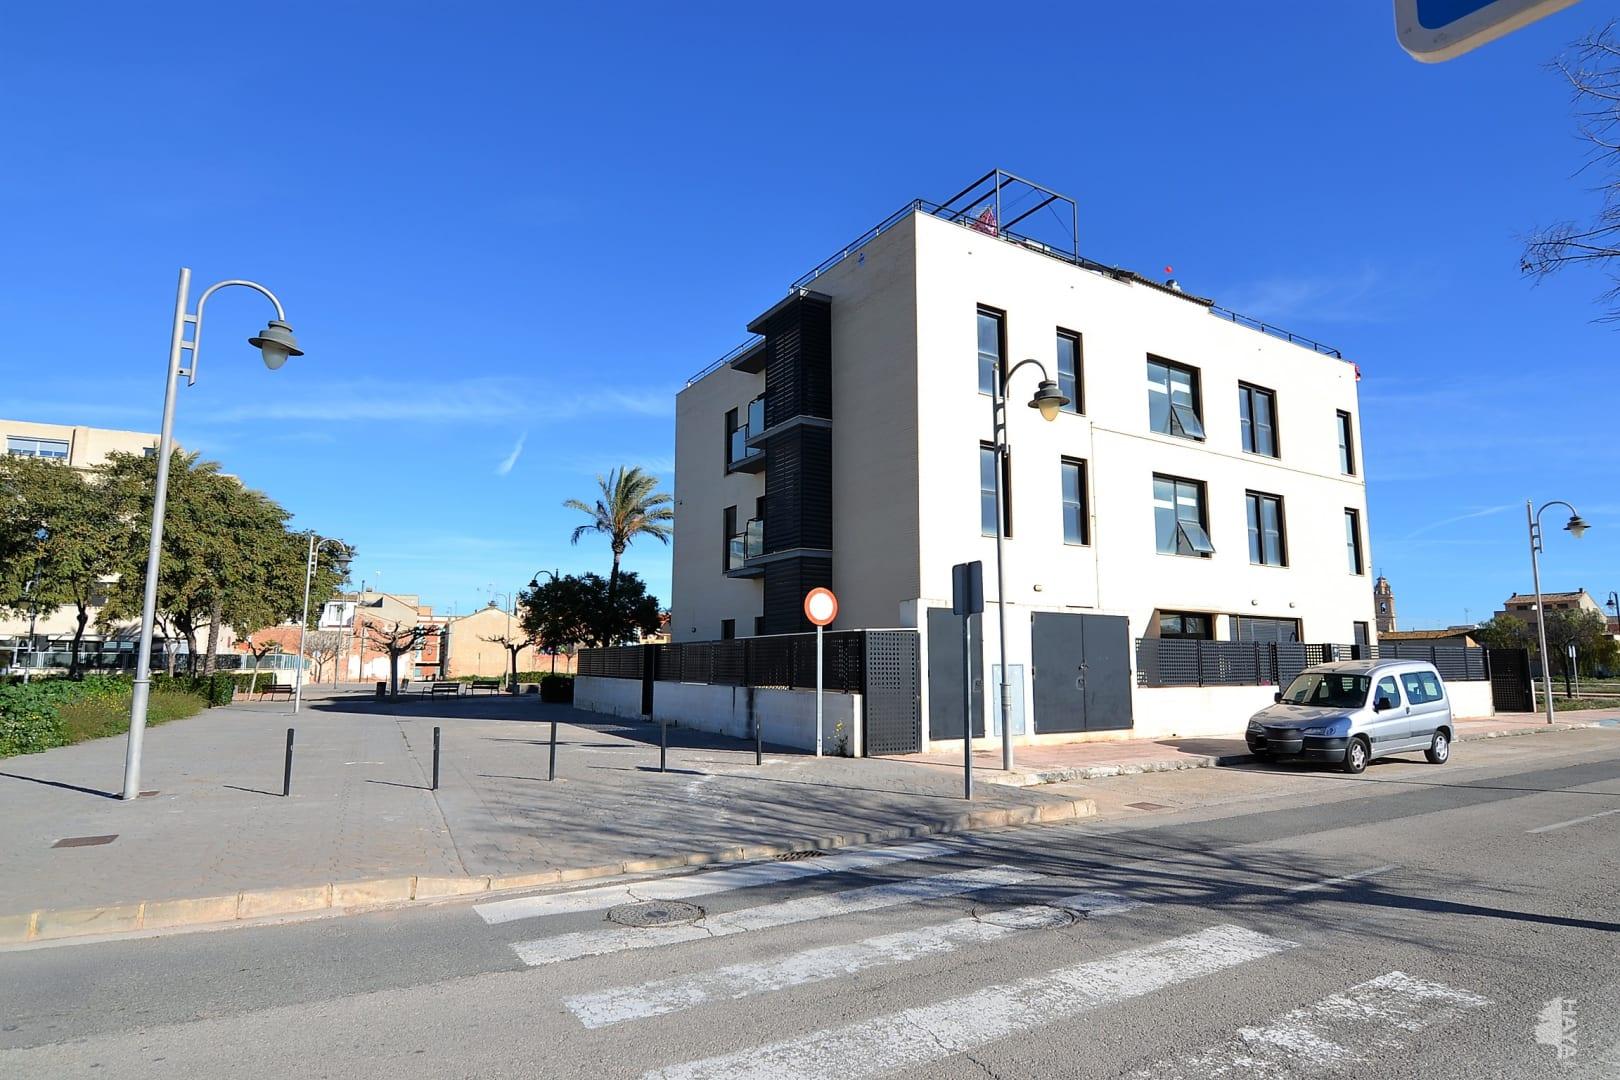 Piso en venta en Museros, Museros, Valencia, Avenida Senyera, 122.900 €, 2 habitaciones, 2 baños, 86 m2